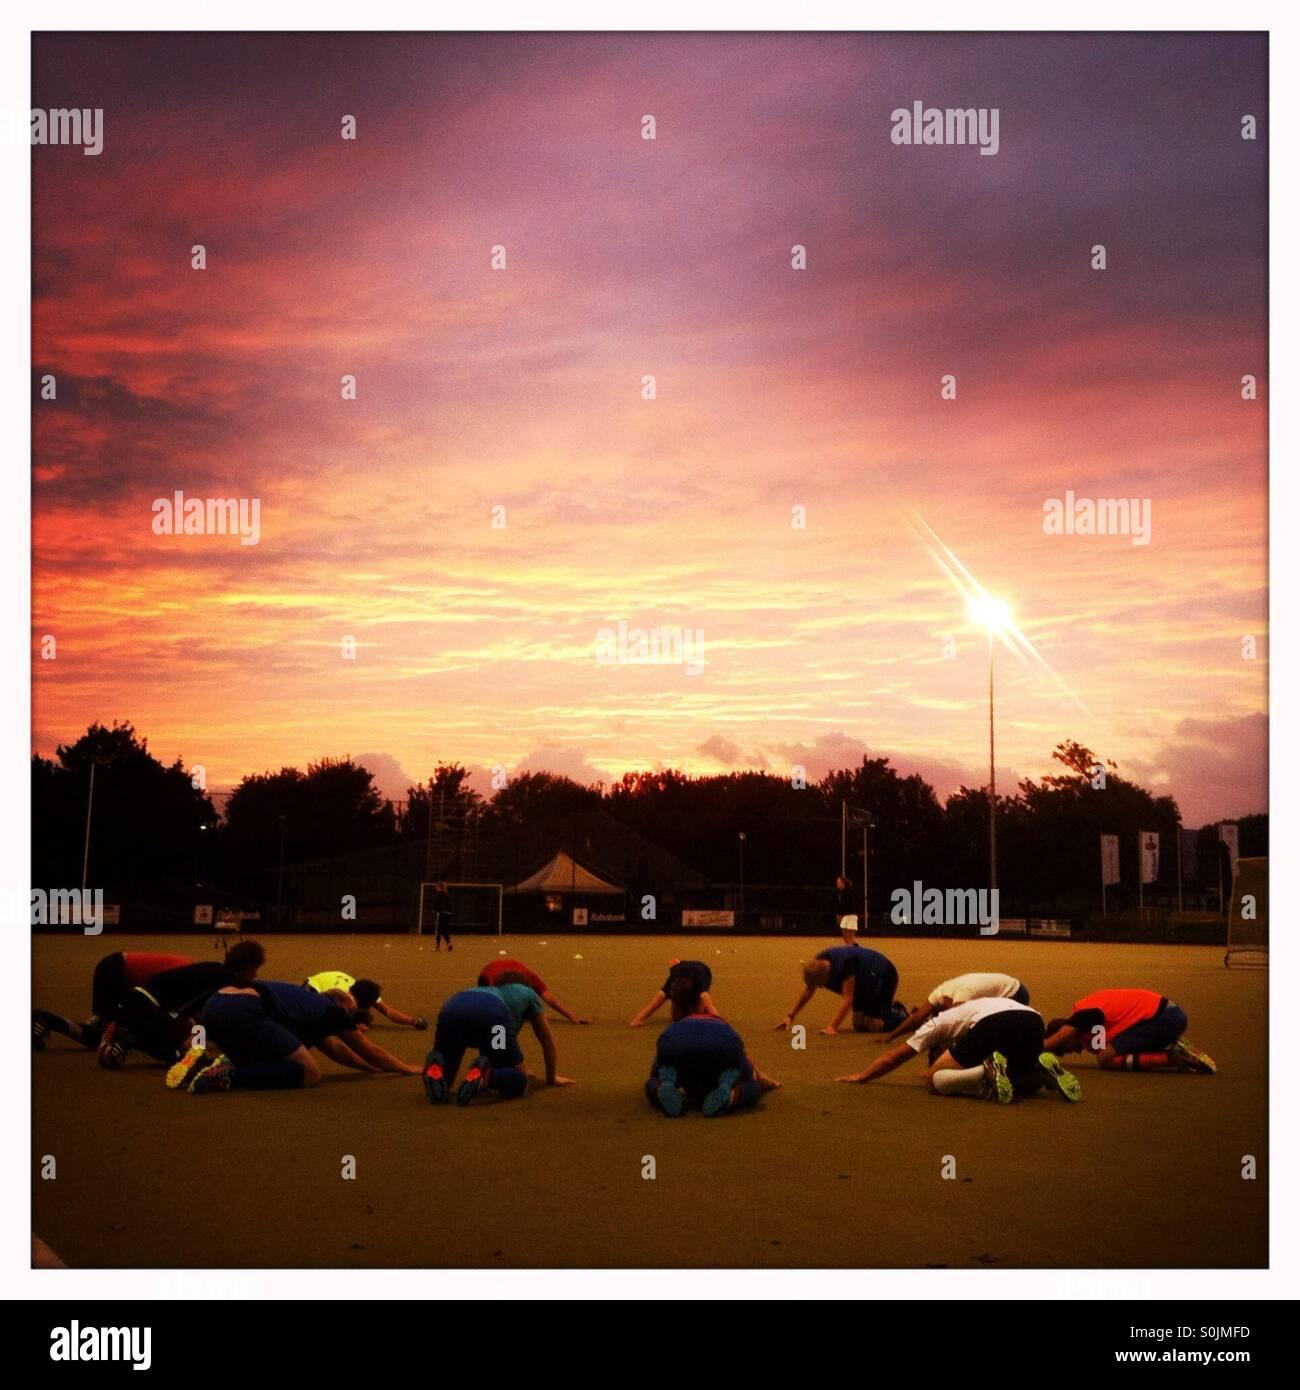 Un equipo de hockey sobre hielo haciendo un ejercicio de calentamiento deportivo juntos en un círculo de color Imagen De Stock